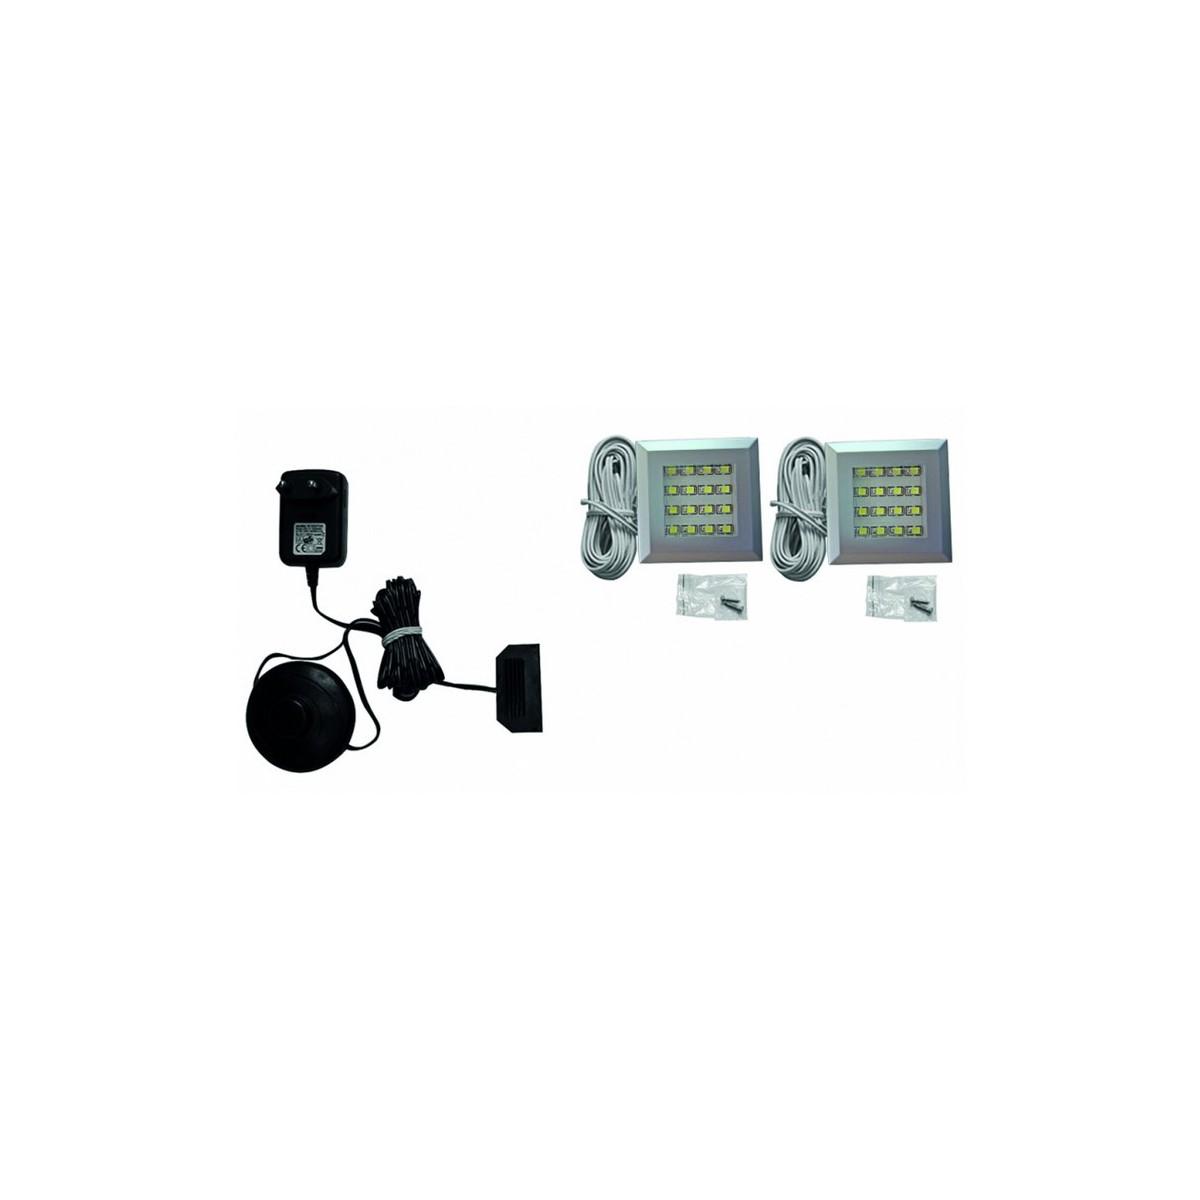 Oświetlenie opcjonalne IZLED09-02-WK01